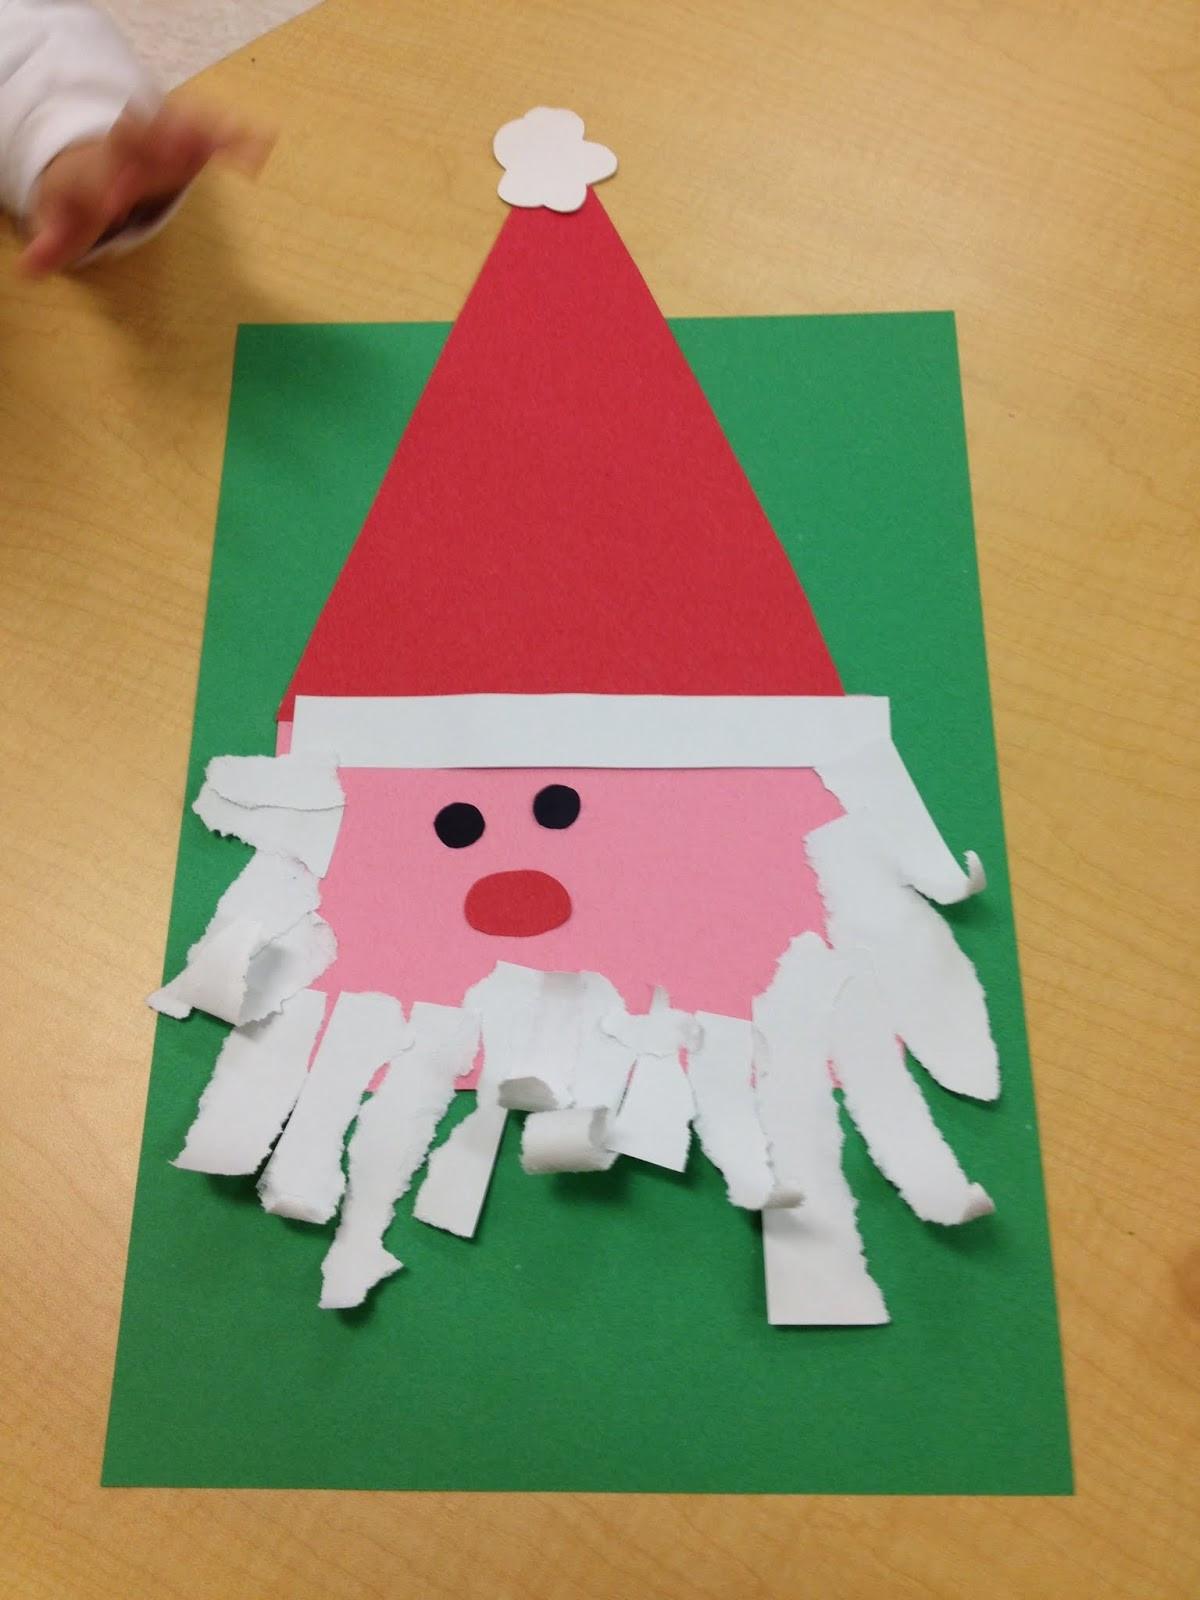 Christmas Craft Ideas For Preschoolers  Bonnie Kathryn Christmas Crafts